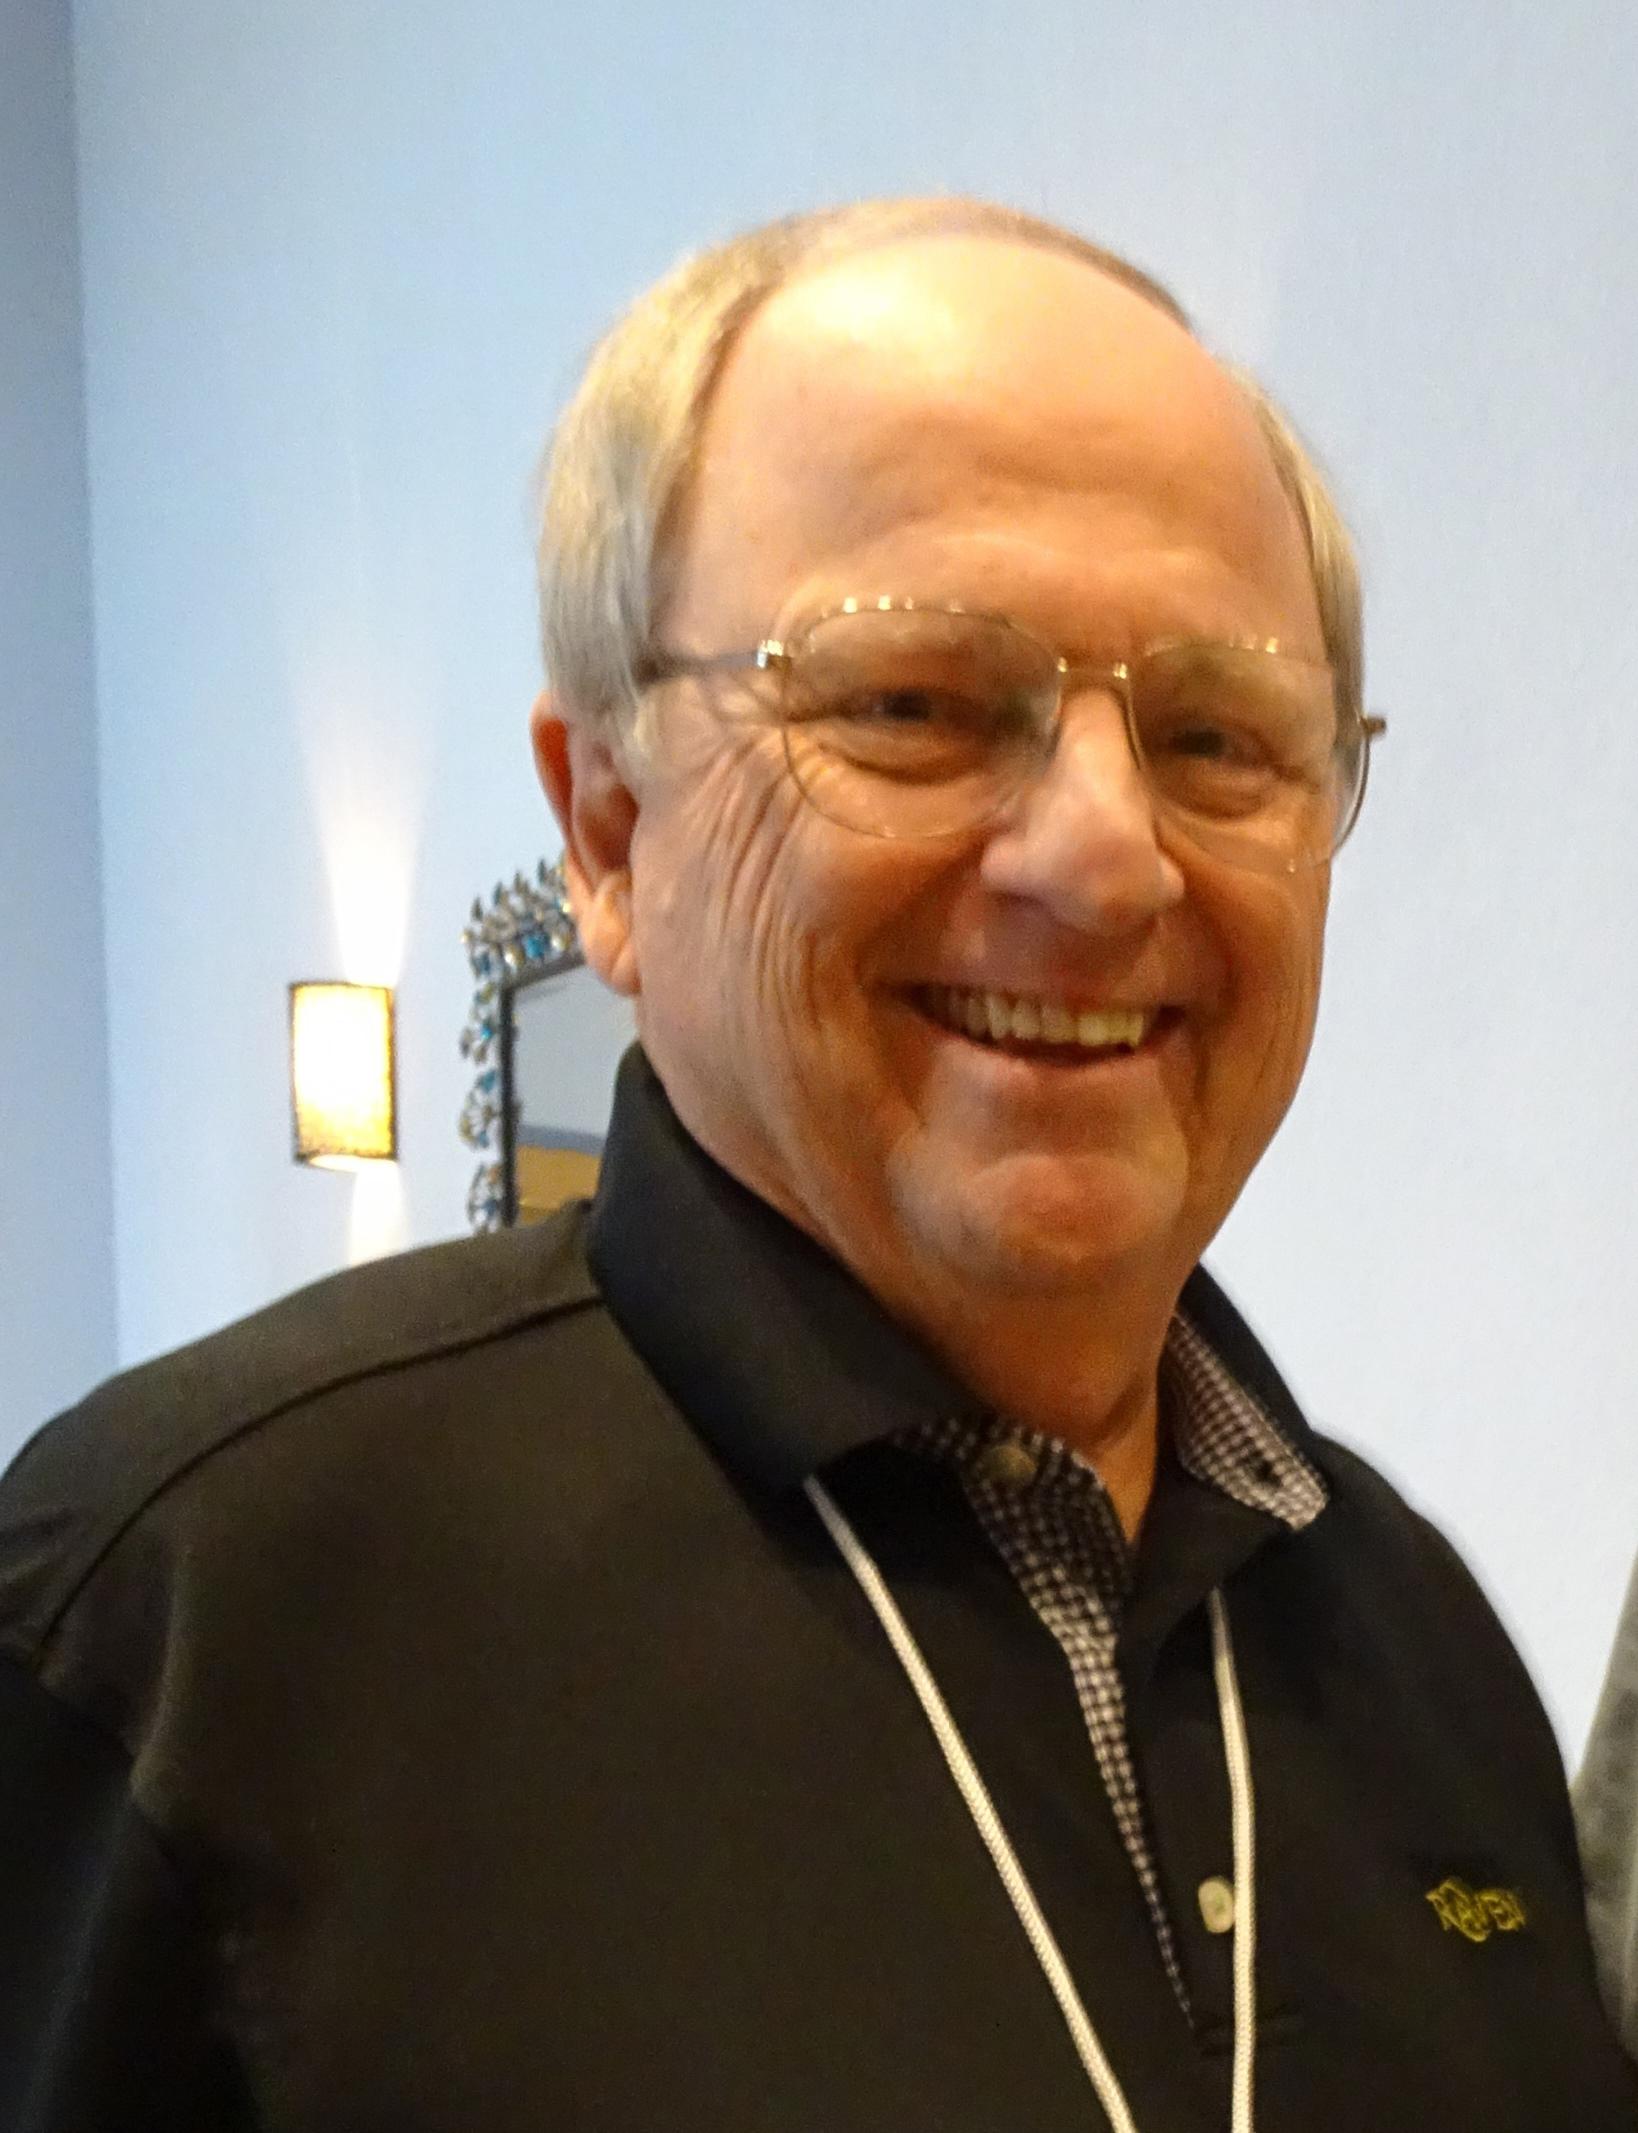 Richard Gross, President